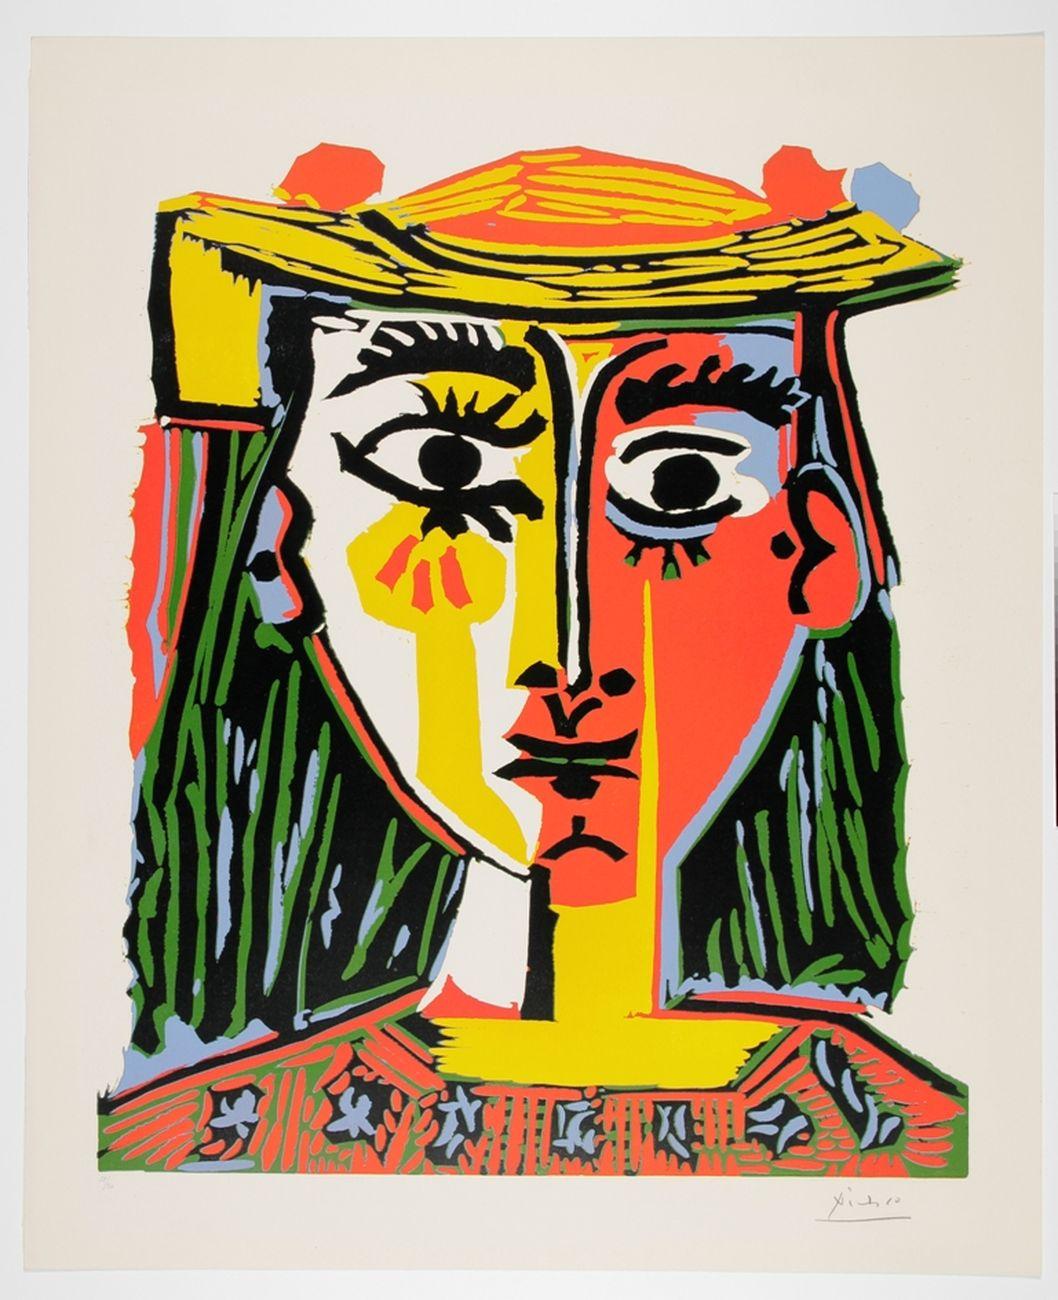 Pablo Picasso, Buste de Femme au Chapeau, 1962. Museum Boijmans Van Beuningen, Rotterdam. Photo Studio Buitenhof, Den Haag